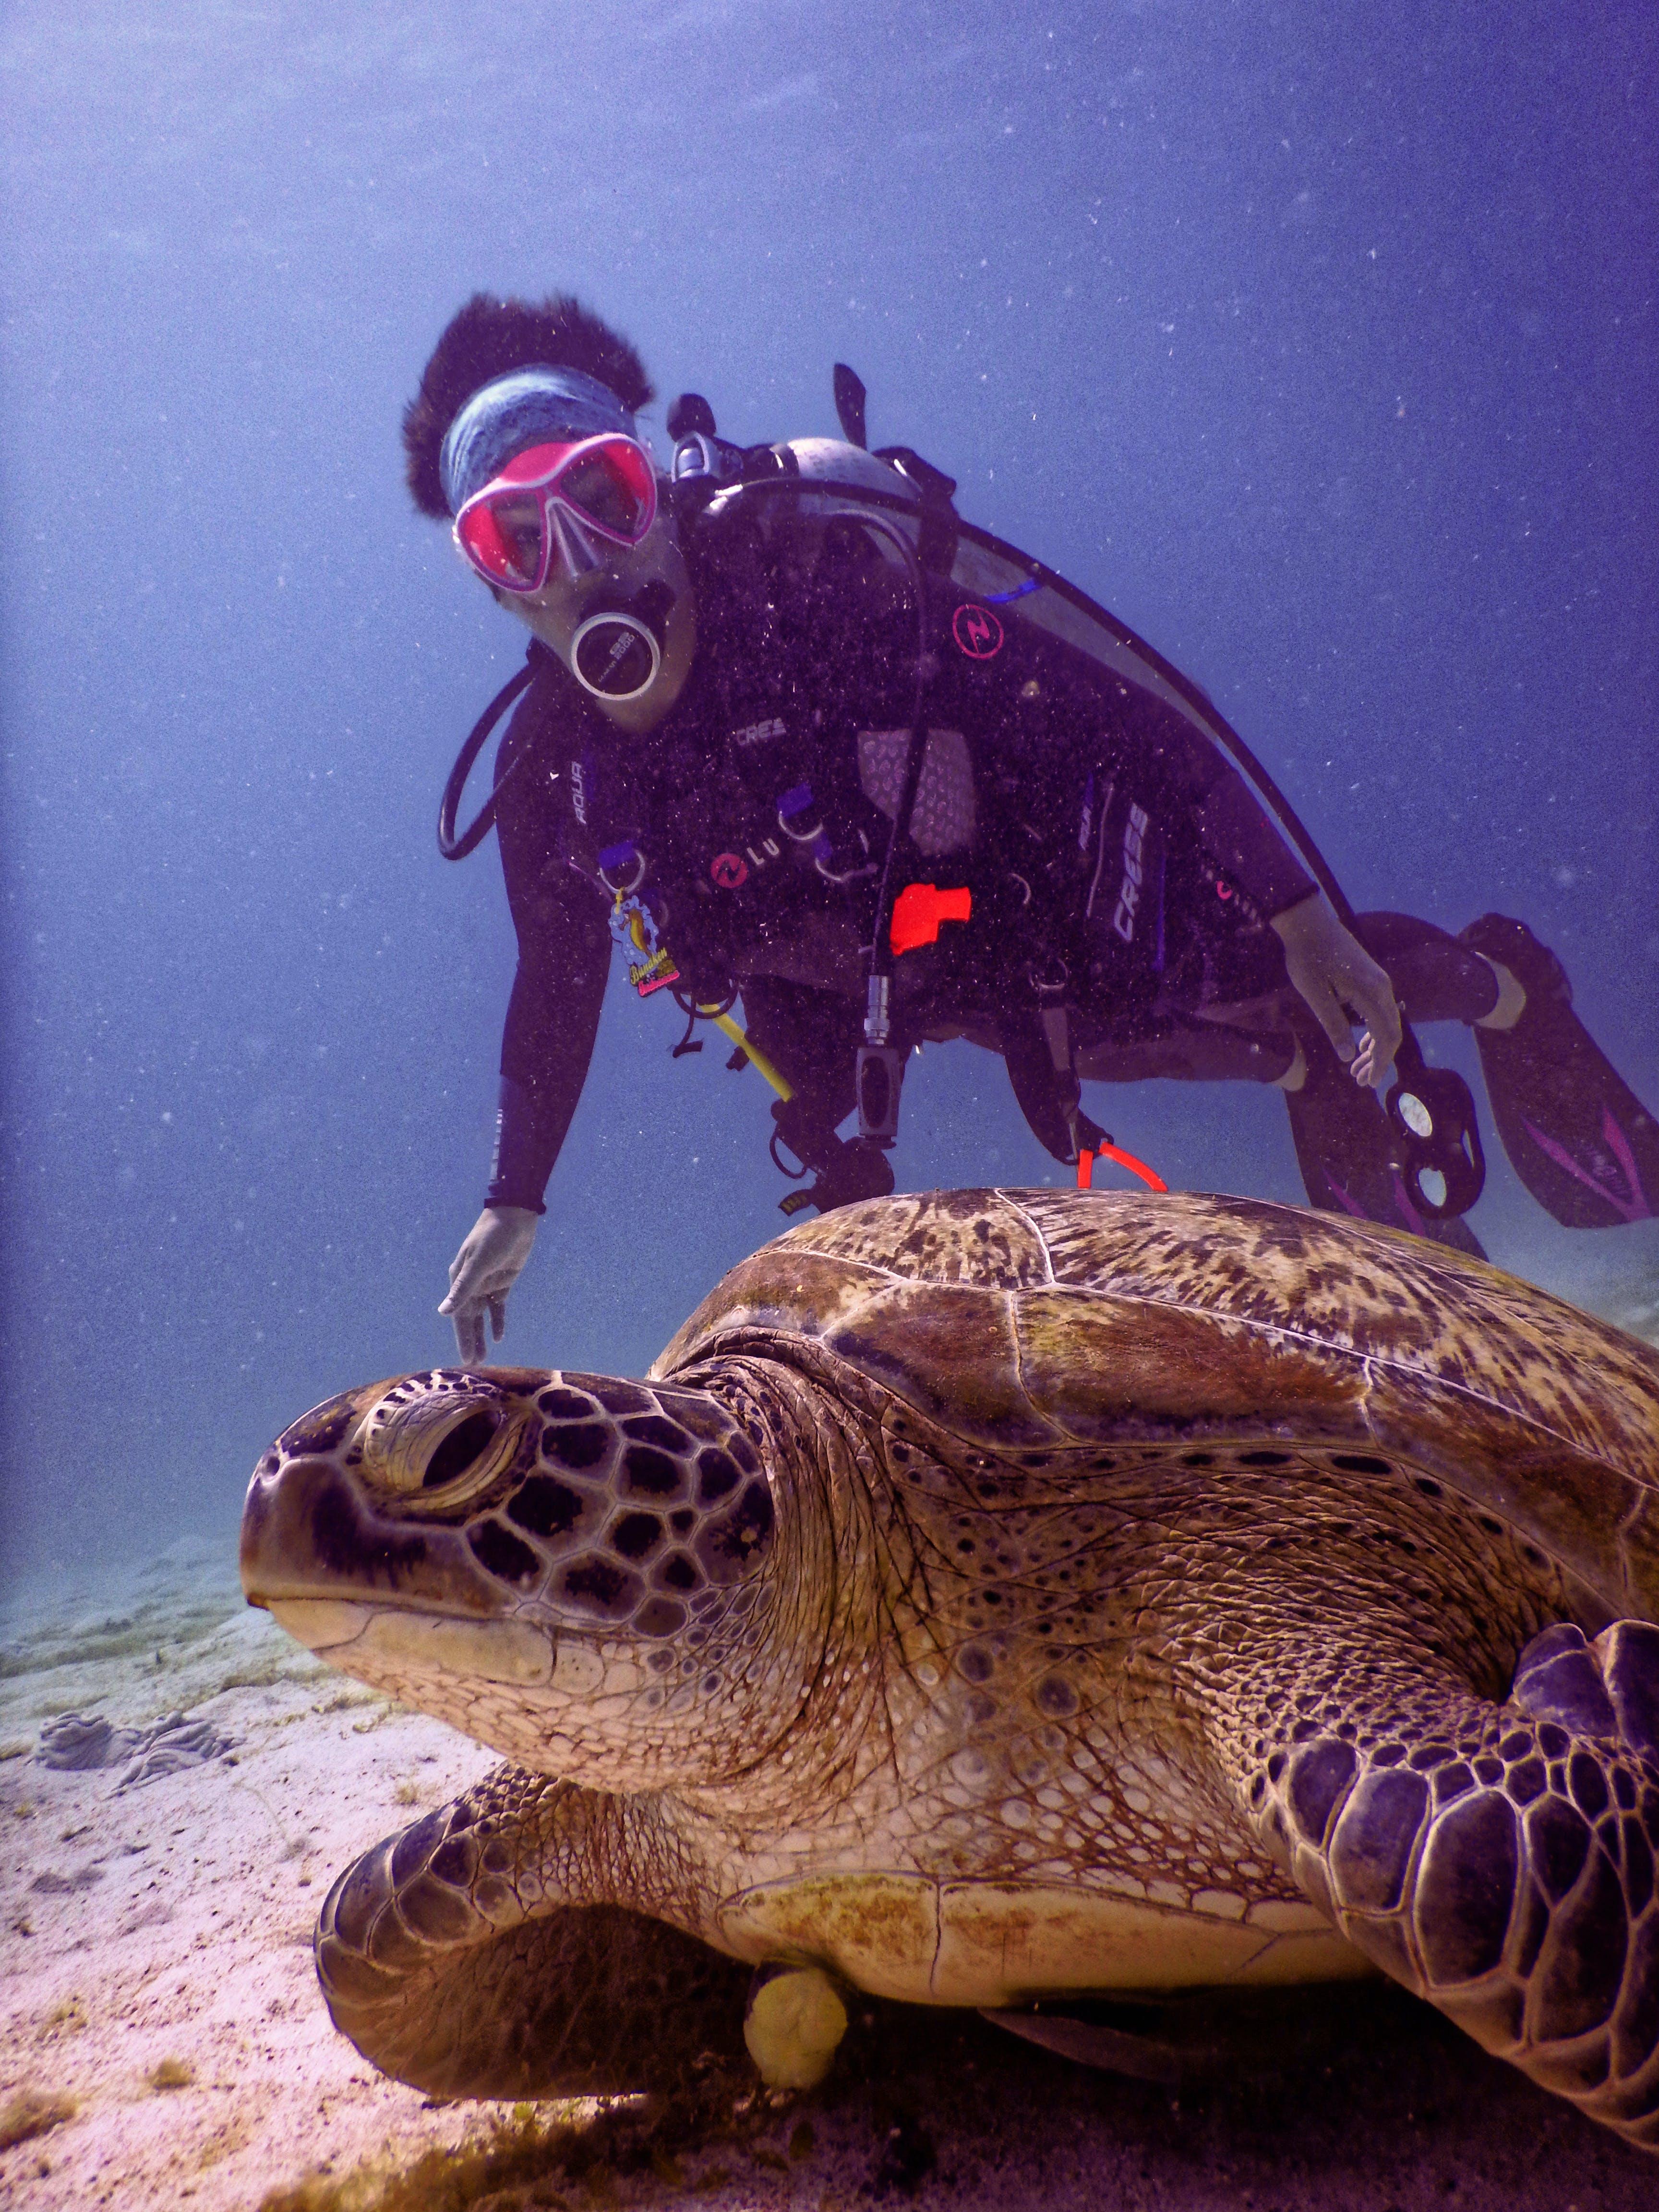 Scubadiver Near Brown Turtle